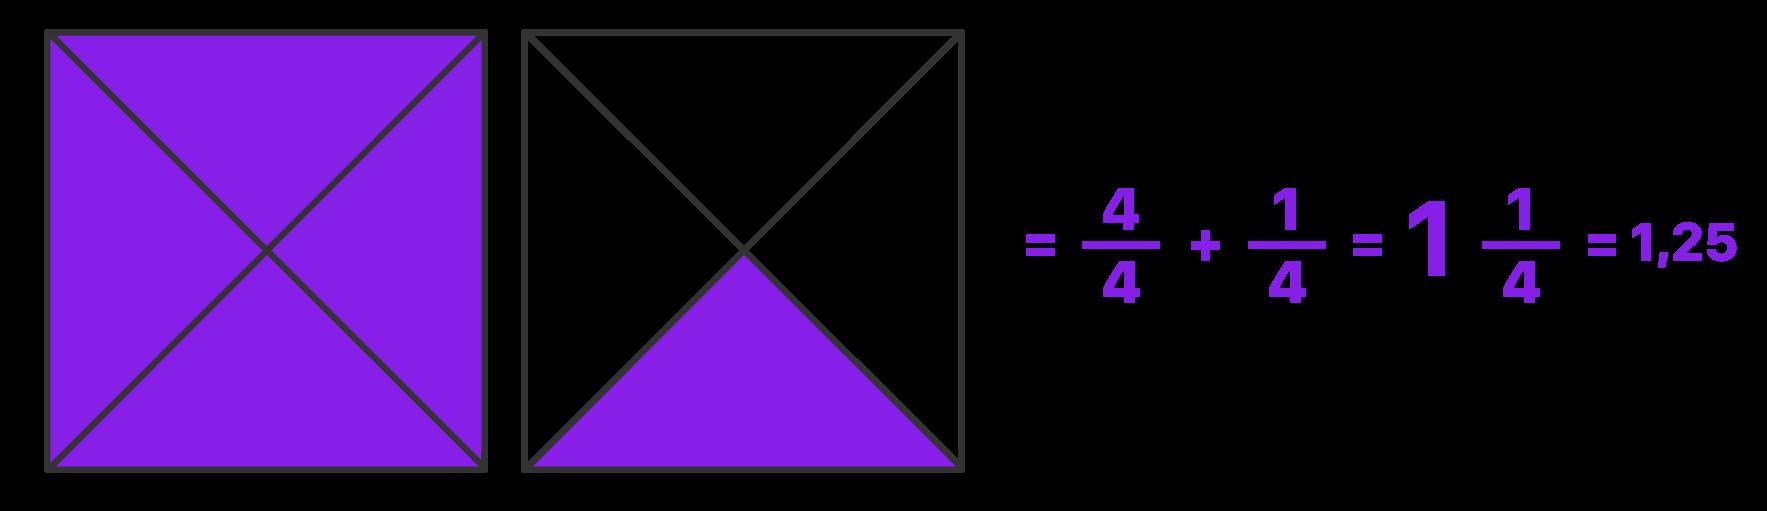 2 quadrados são divididos em 4 partes e 5 delas são pintadas formando um número misto